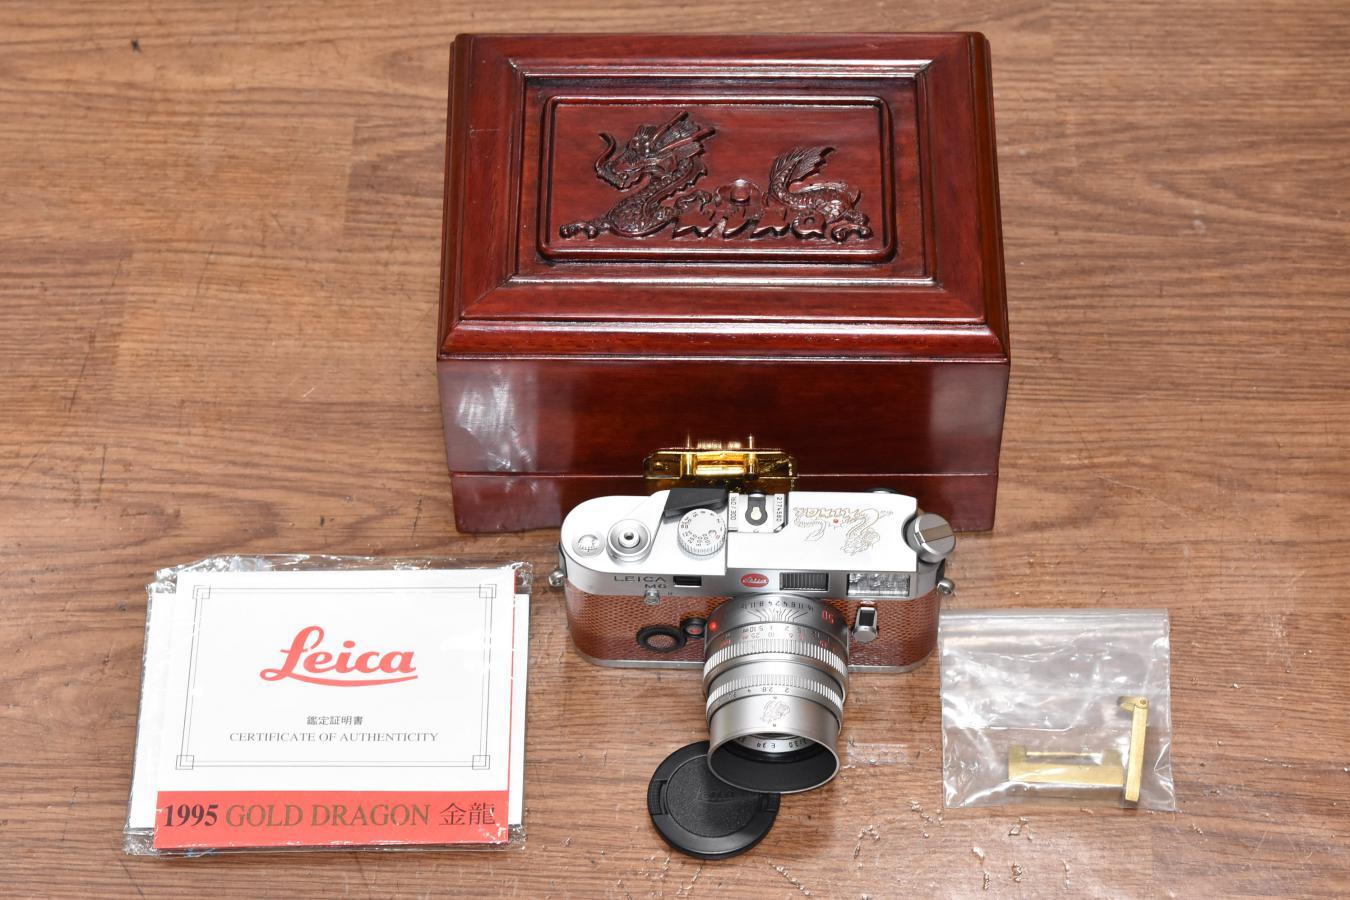 【コレクション向け 珍 品】 LEICA M6 GOLD DRAGON EDITION SUMMICRON-M 50/2 Set 【ギャランティカード、専用木箱付】